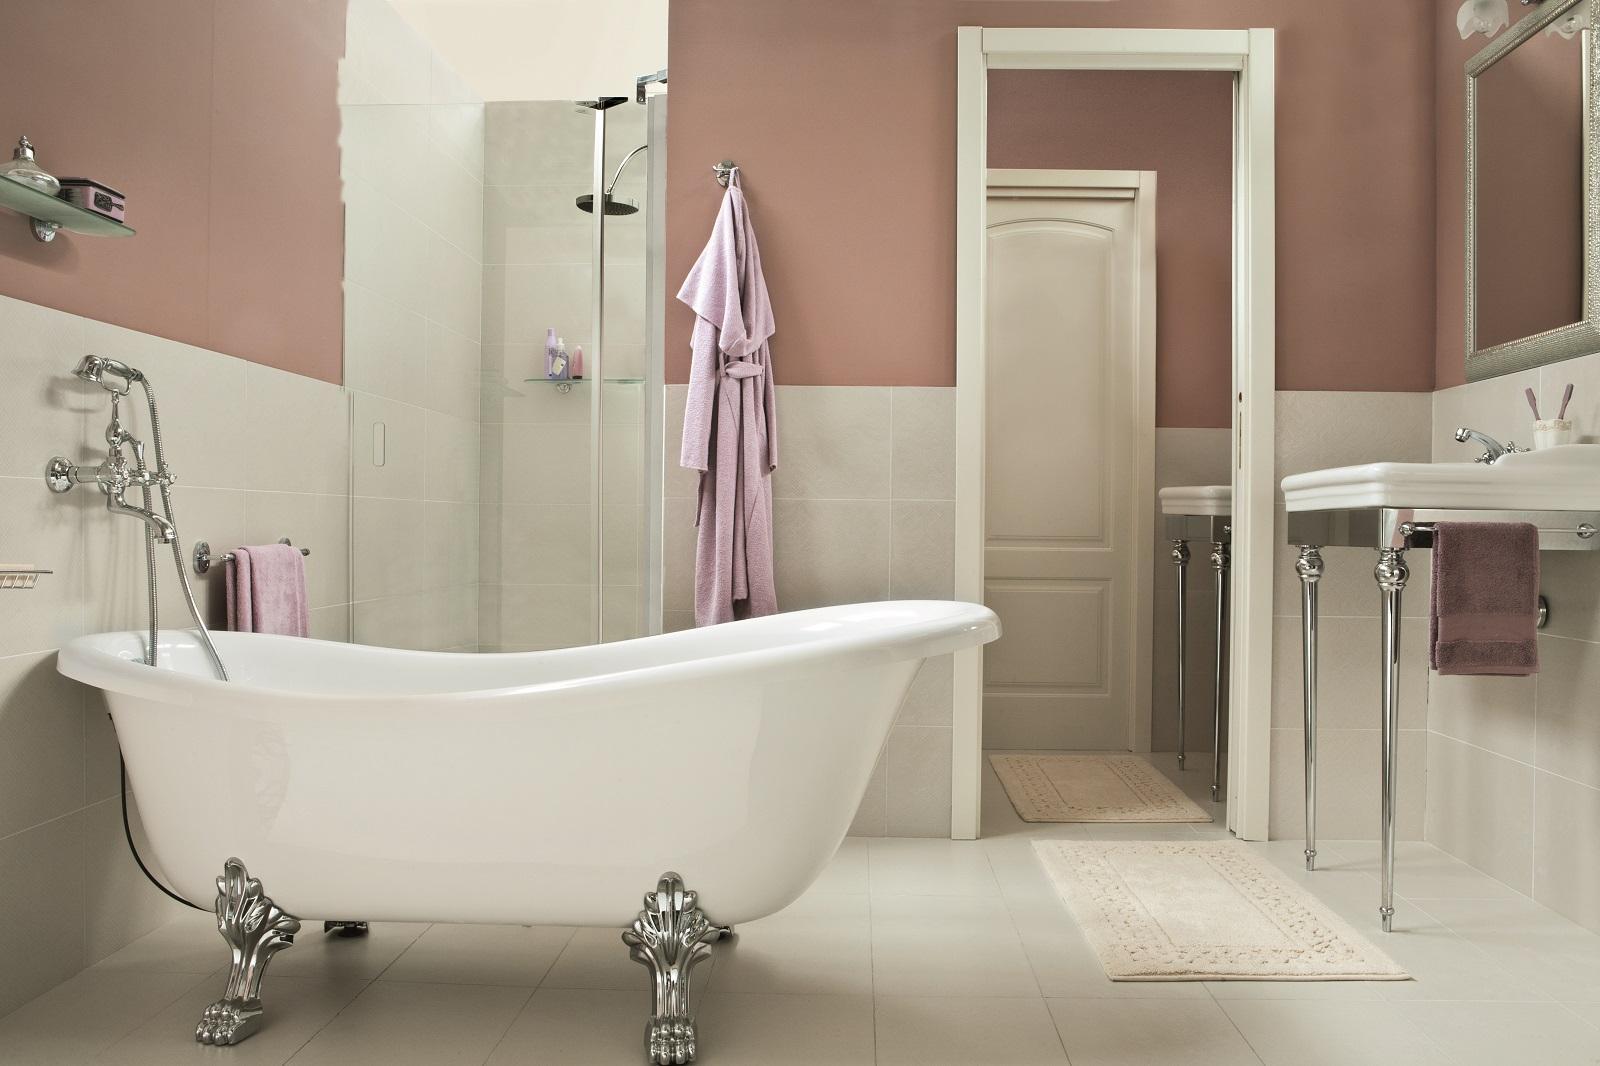 Vasca Da Bagno Freestanding Leroy Merlin : Le vasche da bagno non sono realizzate soltanto in acrilico